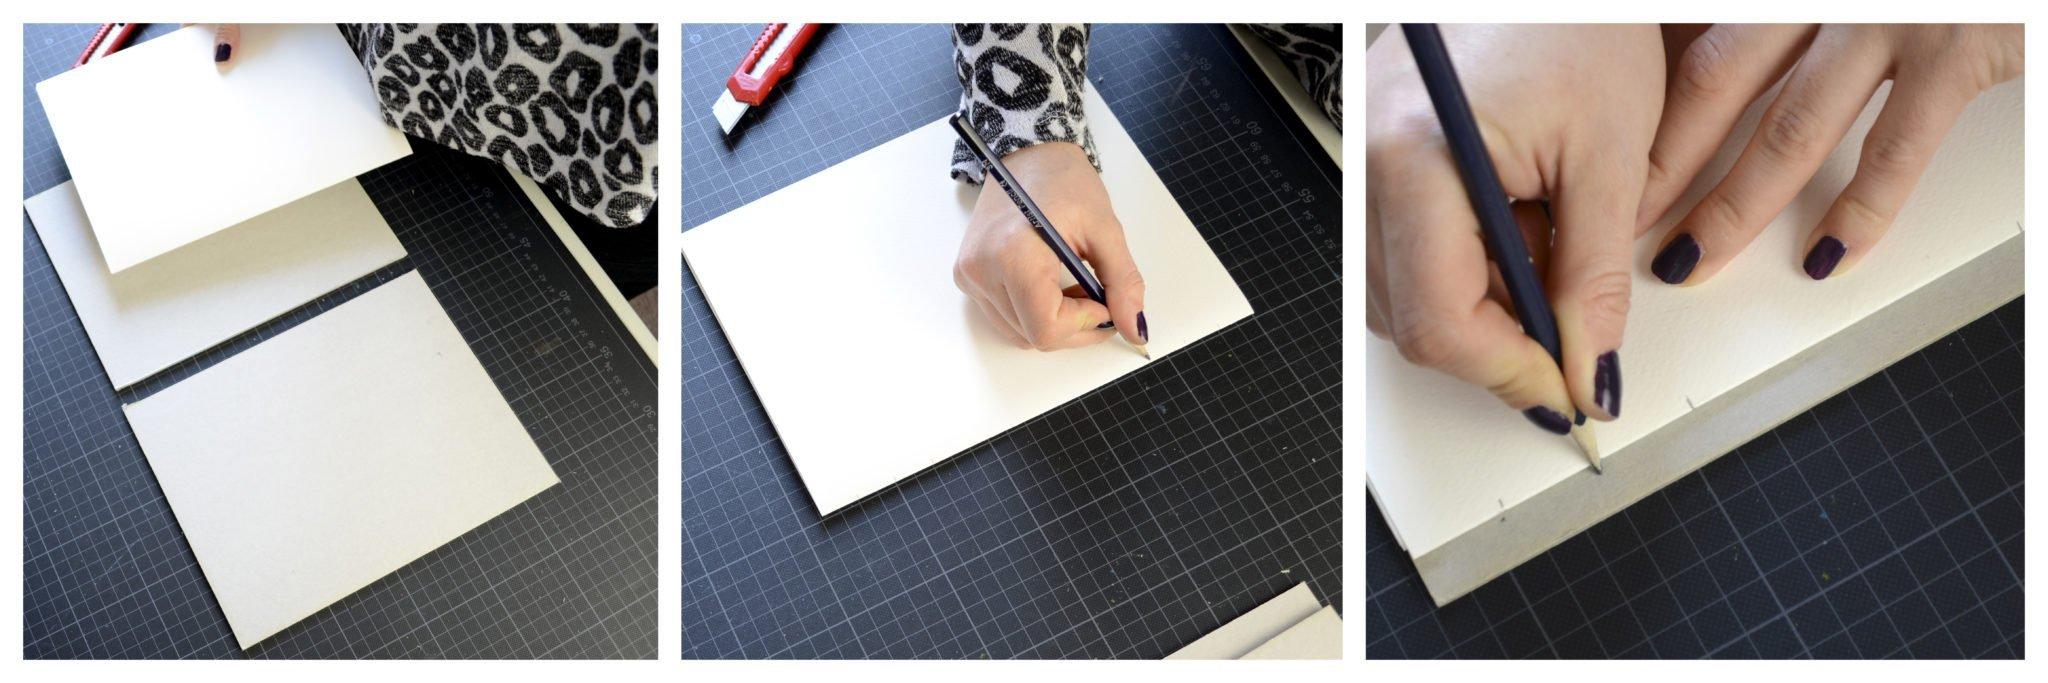 SChritt 3 beinhaltet das Markieren der Bindelöcher auf den Signaturen und dem Deckel Buchbinden - Skizzenbuch